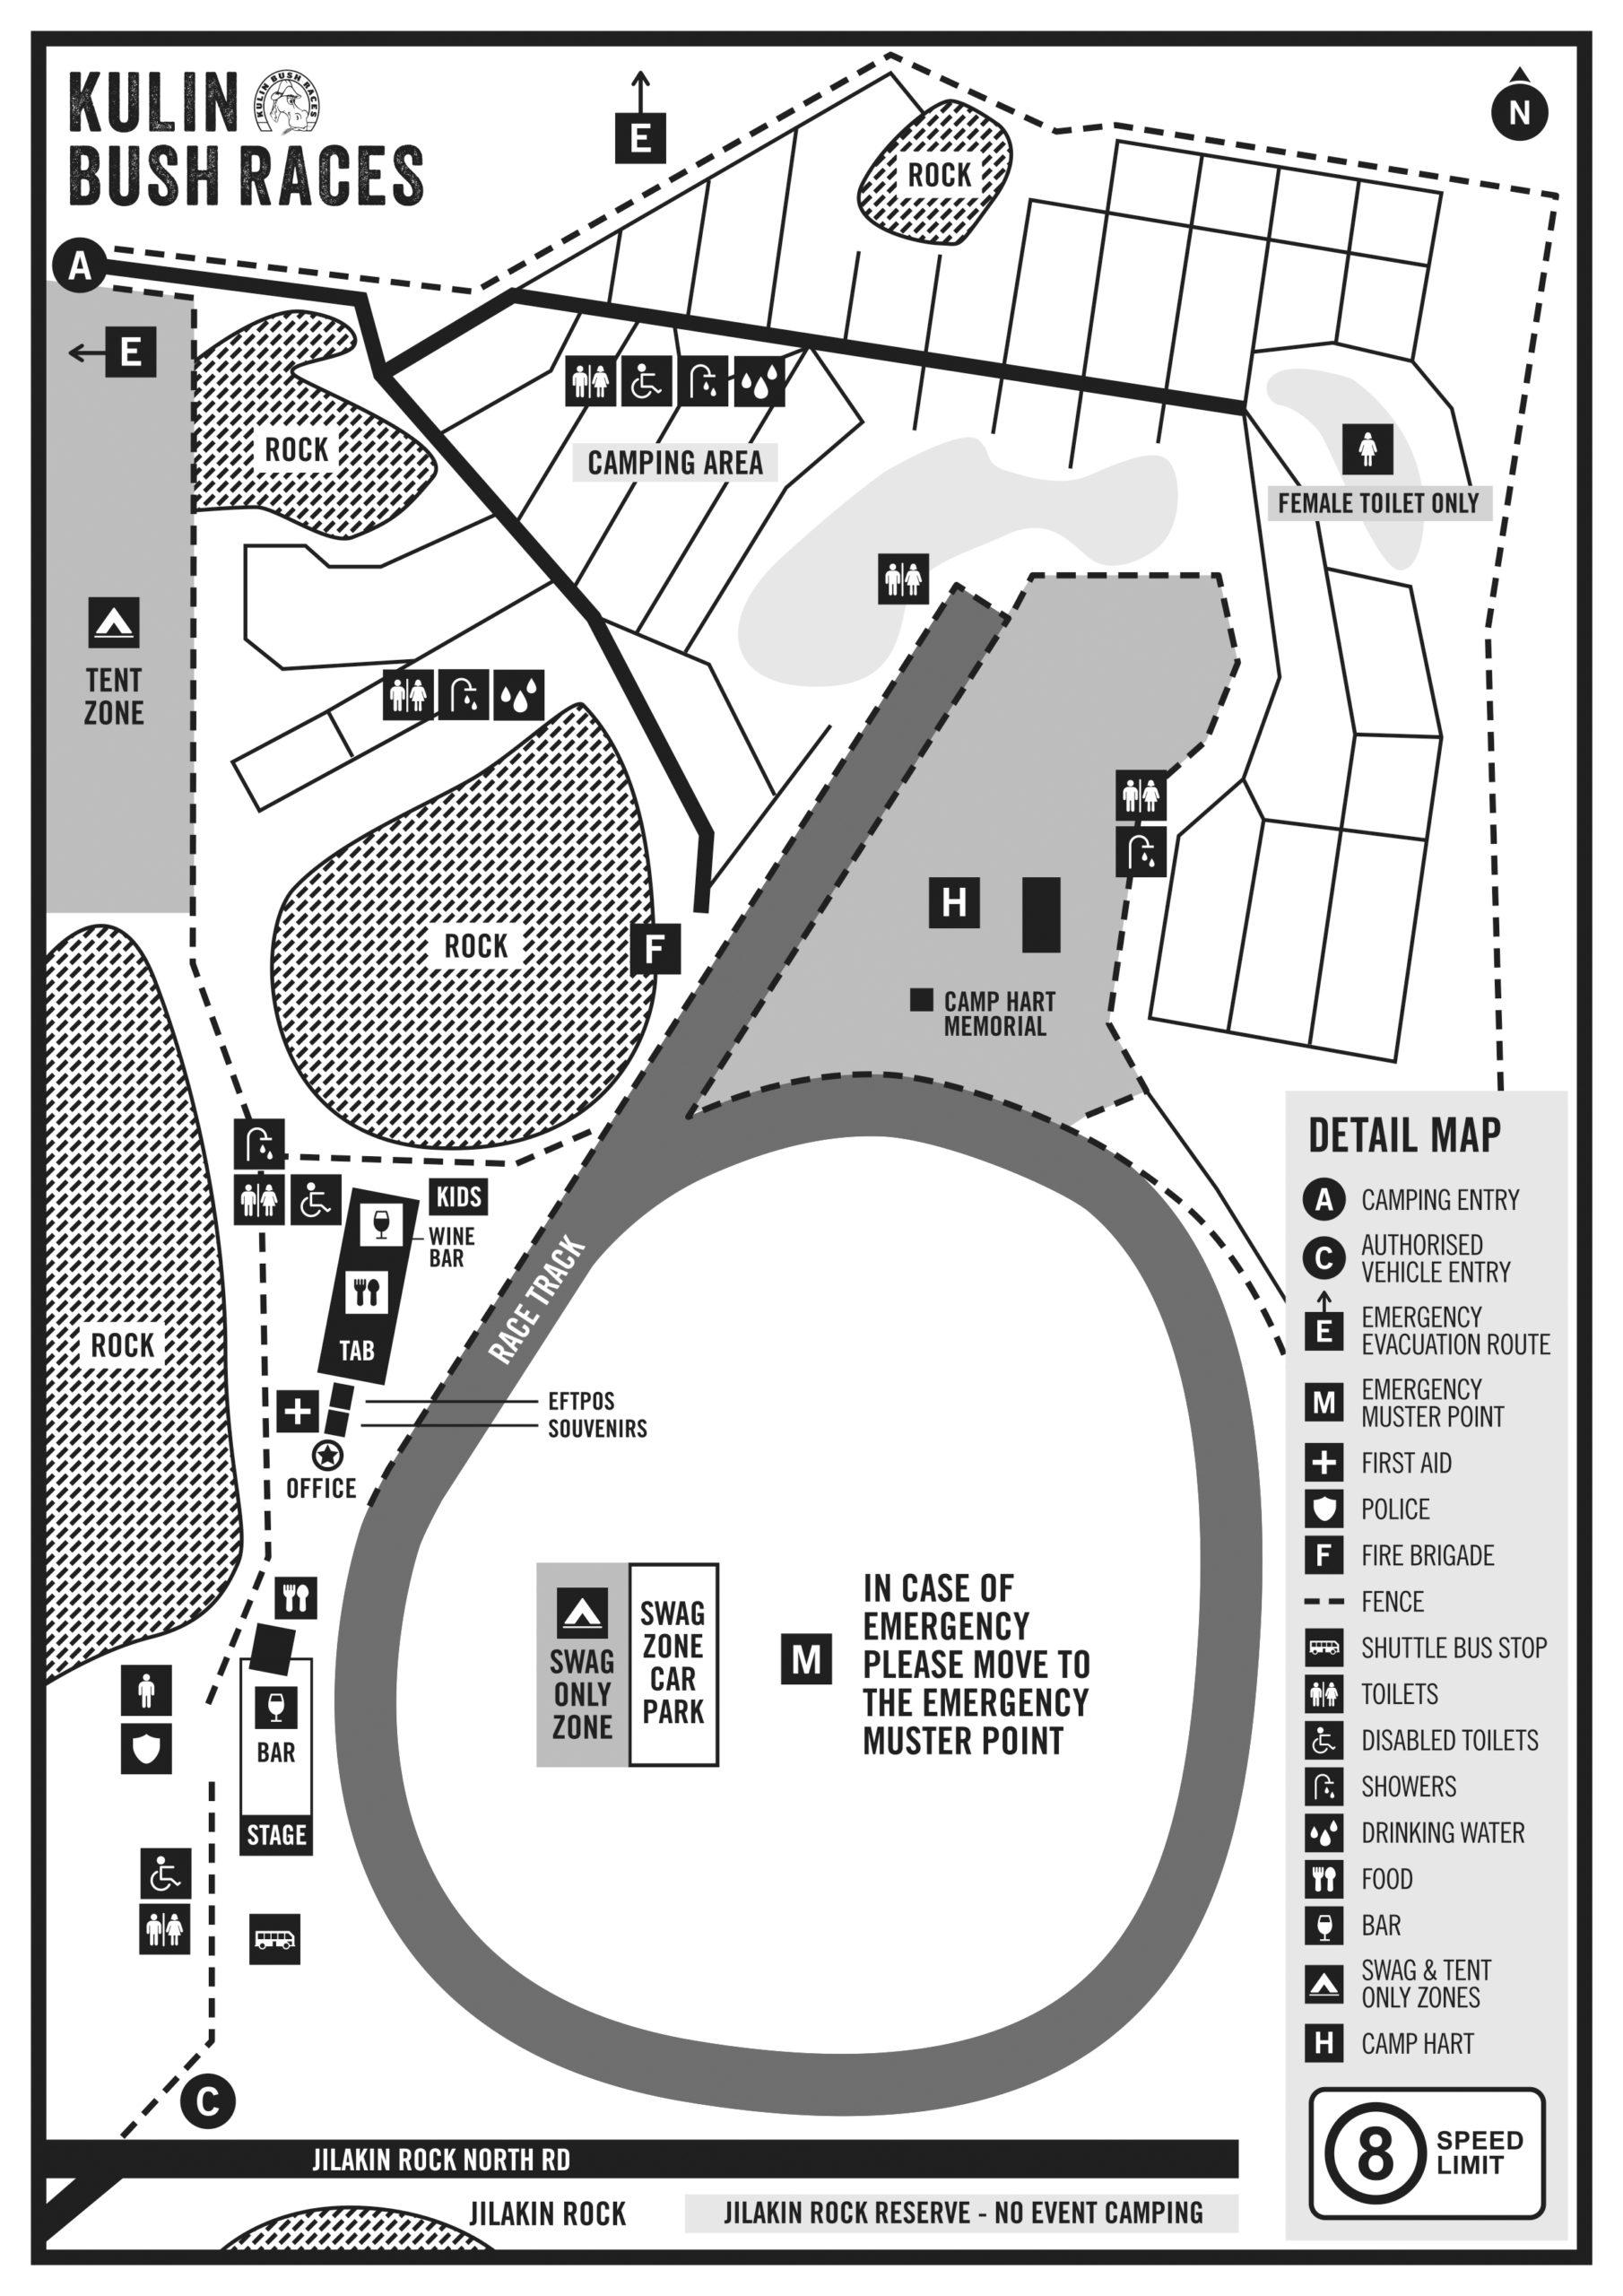 KBR_MAPS_2_DETAIL MAP_A4_MONO